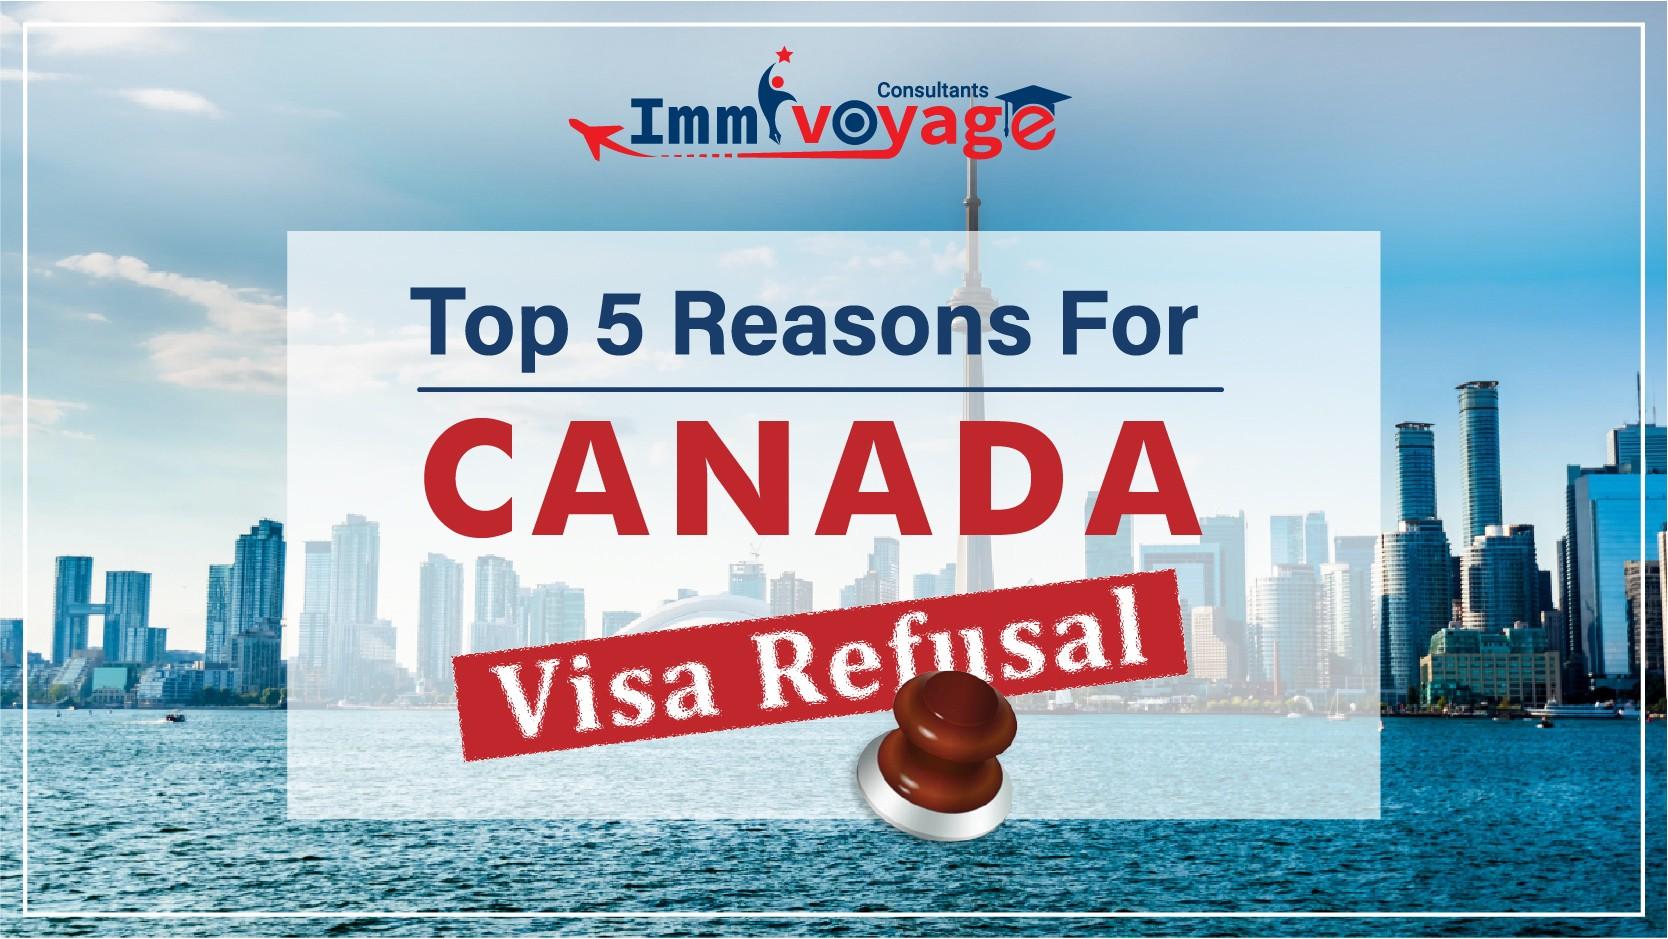 Reasons for Canada Visa Refusal